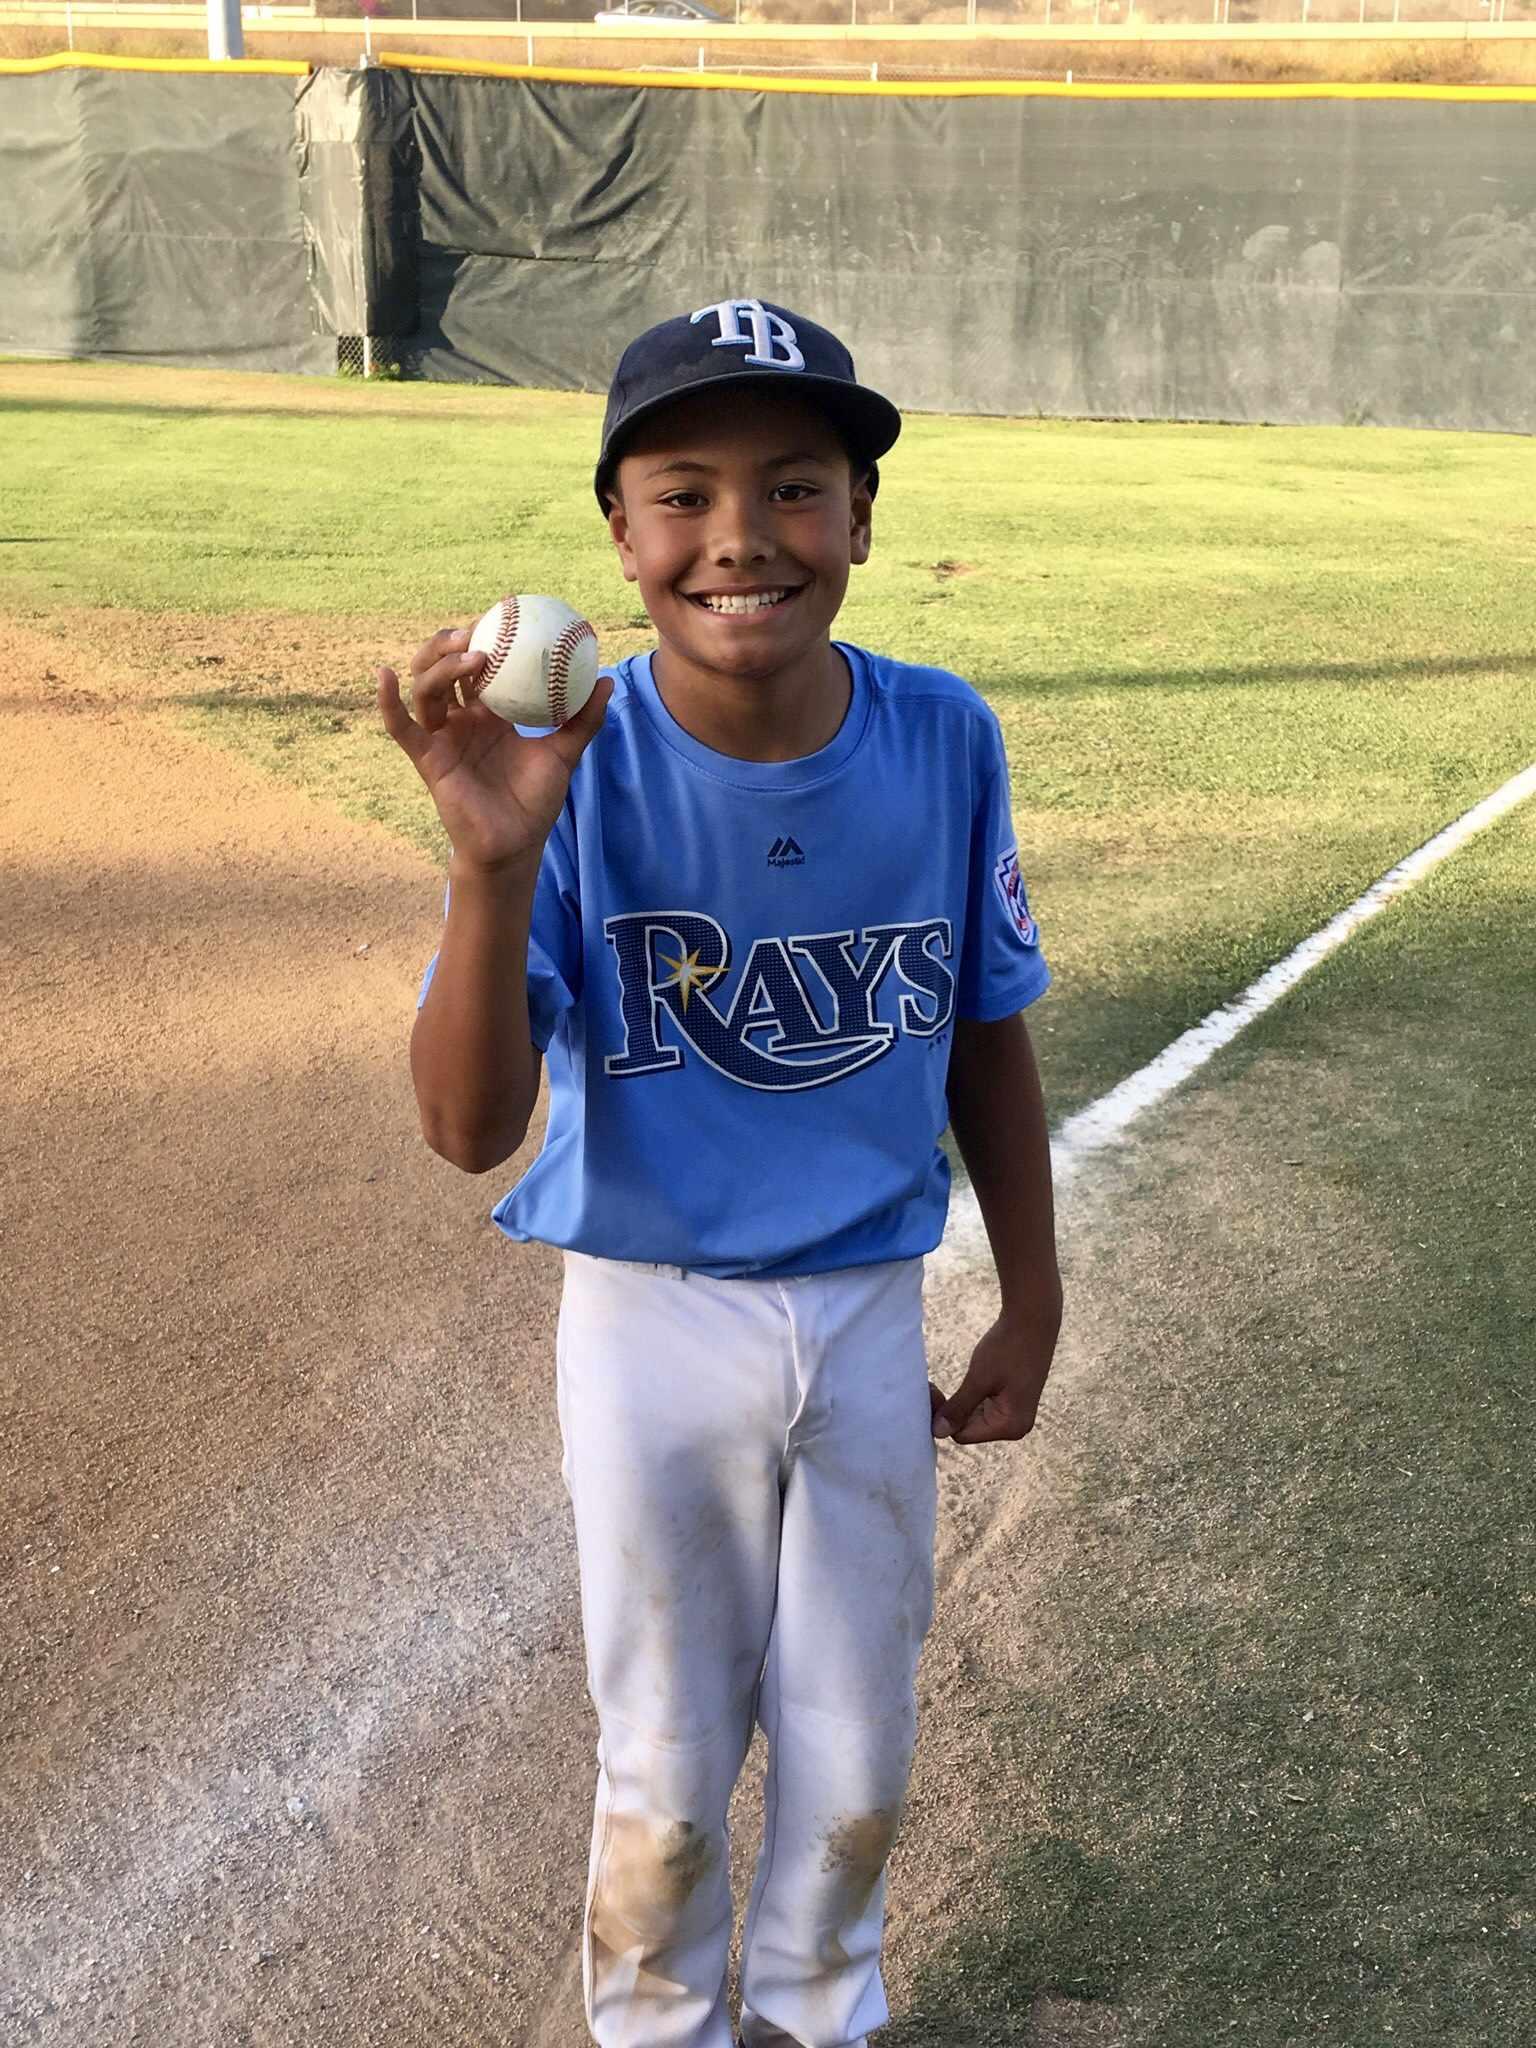 Josh of the AAA Rays